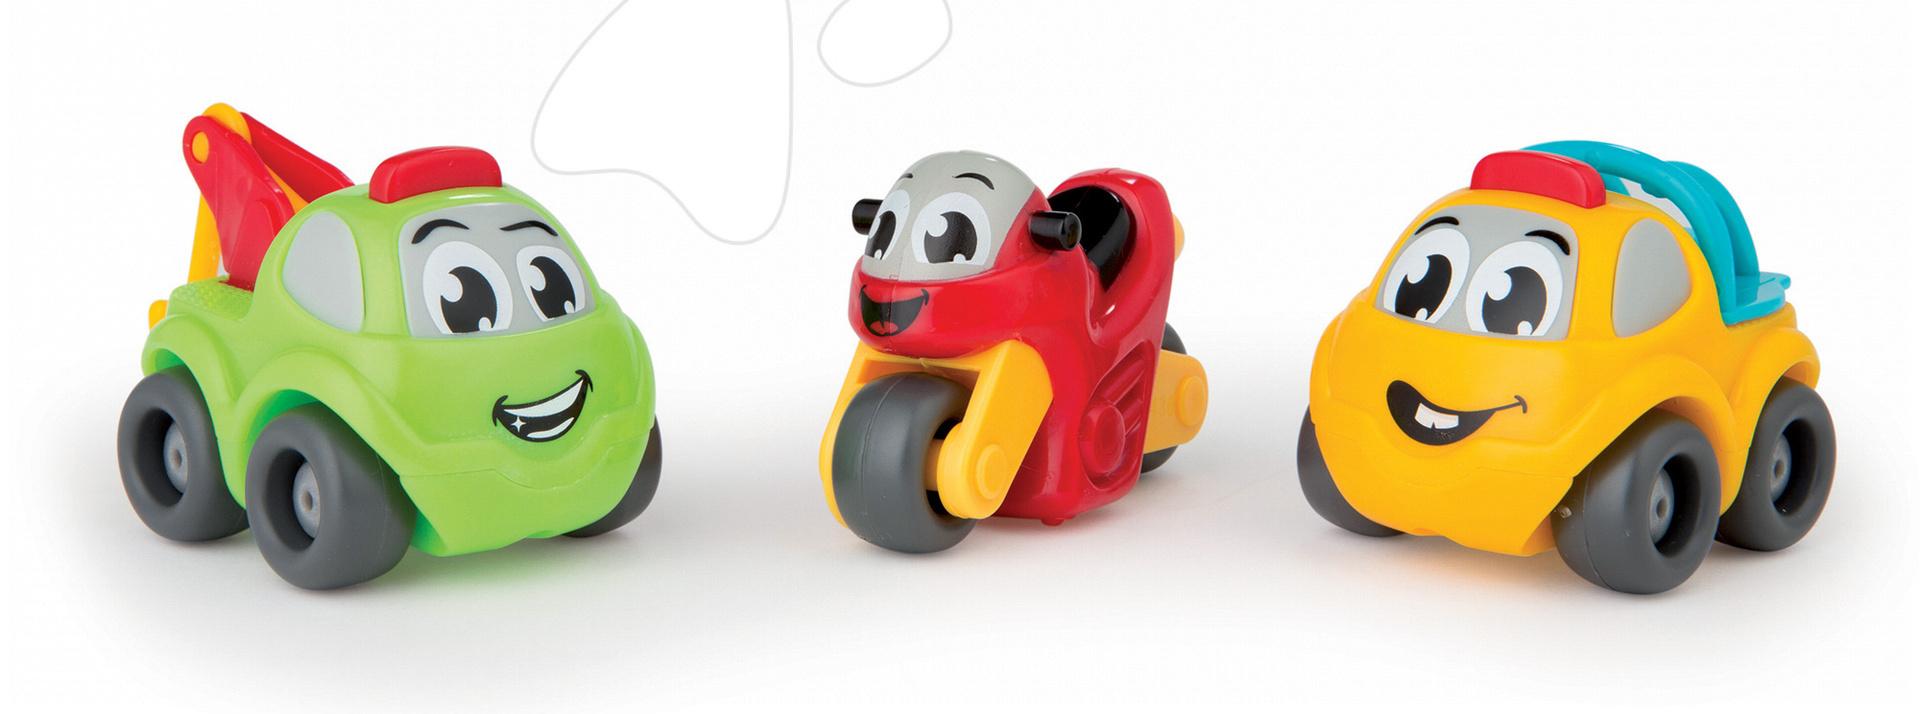 Garáže - Autíčka 2ks a motorka Vroom Planet Smoby dĺžka 7 cm od 12 mes